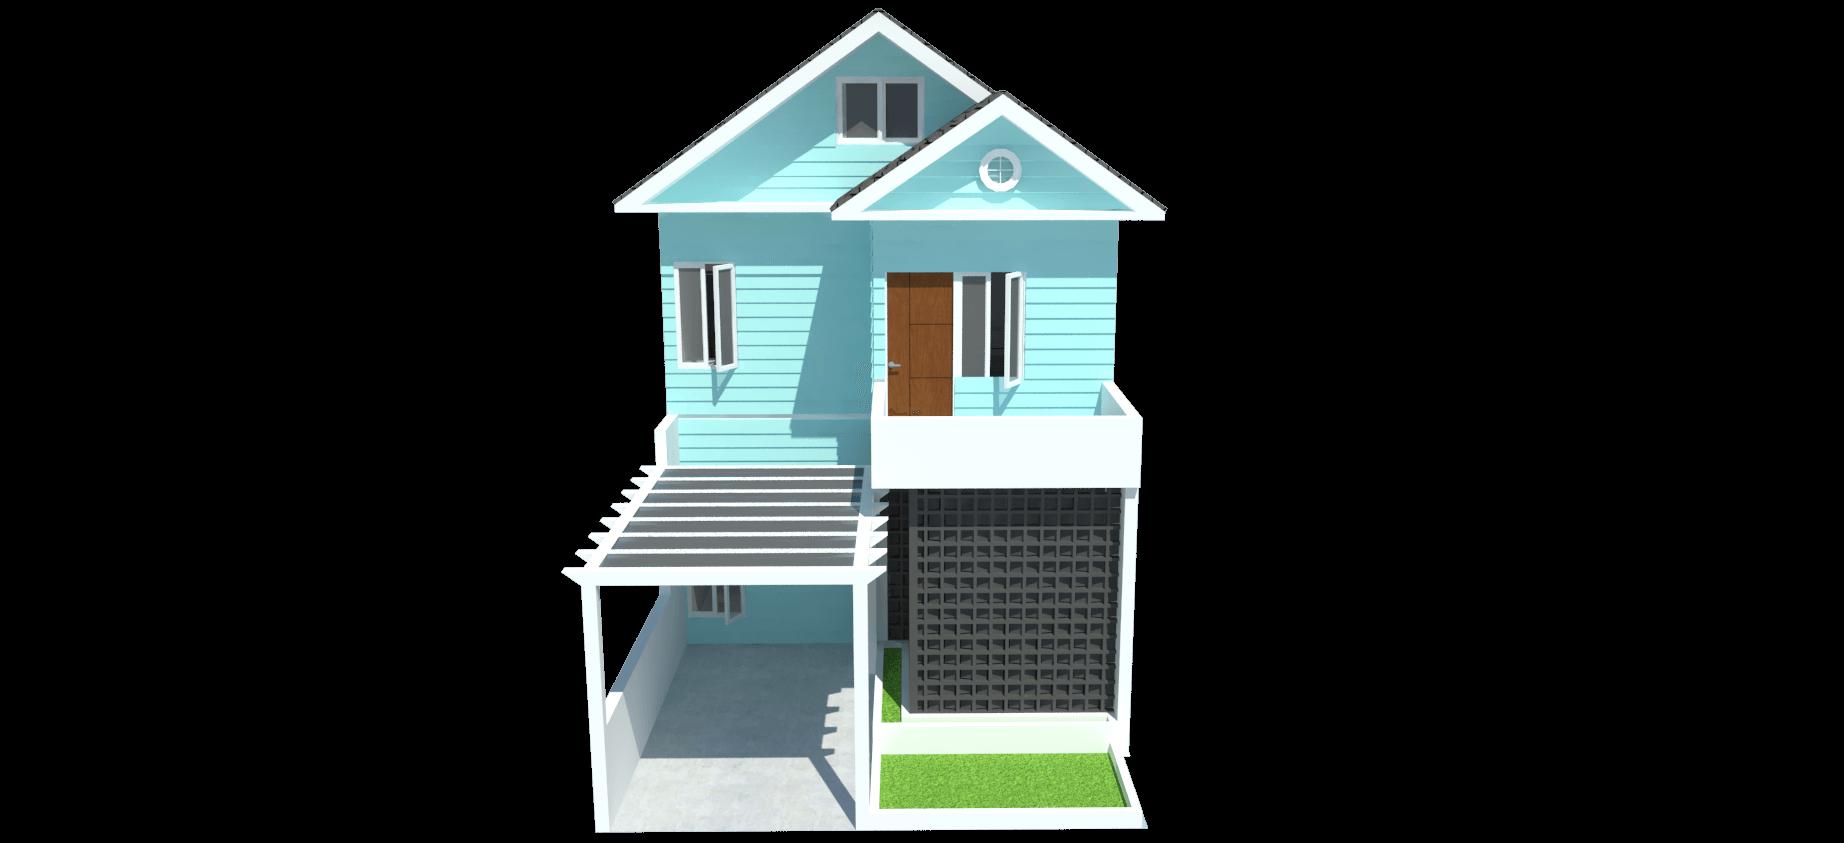 Takhta.aksata Renovasi Rumah Tinggal Komp. Metro, Cilegon Komp. Metro, Cilegon View-Depan-Rumah-Pantai-1   14543